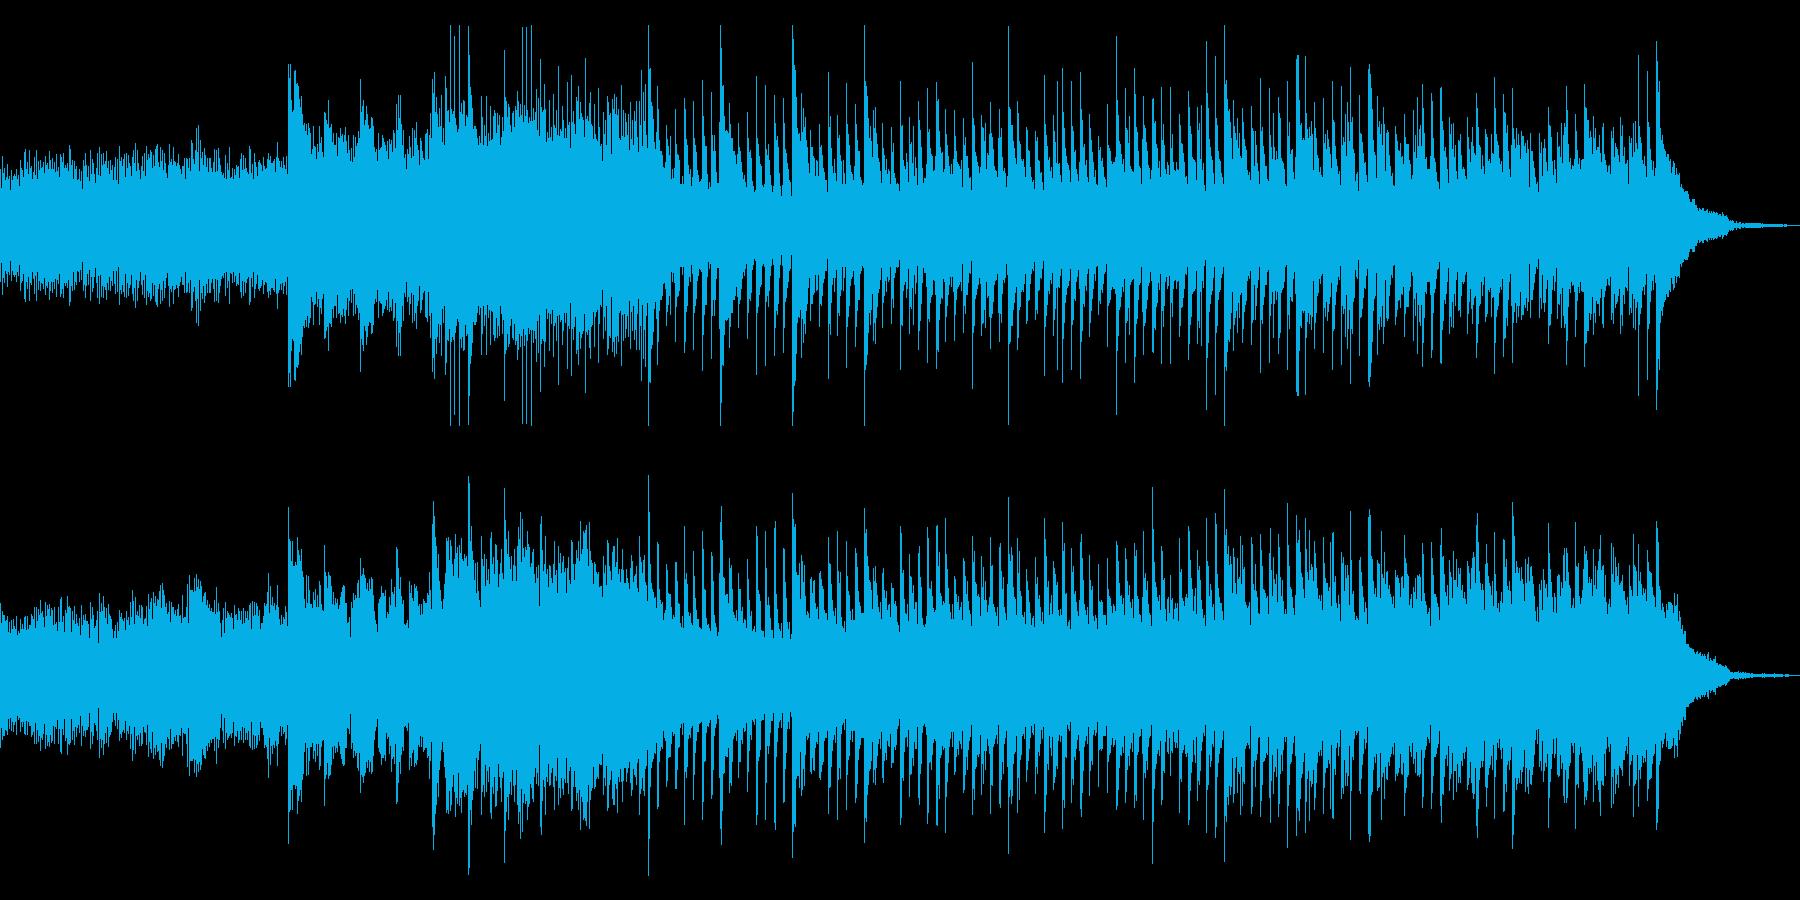 穏やかに、着実に変化していく情景の音楽の再生済みの波形